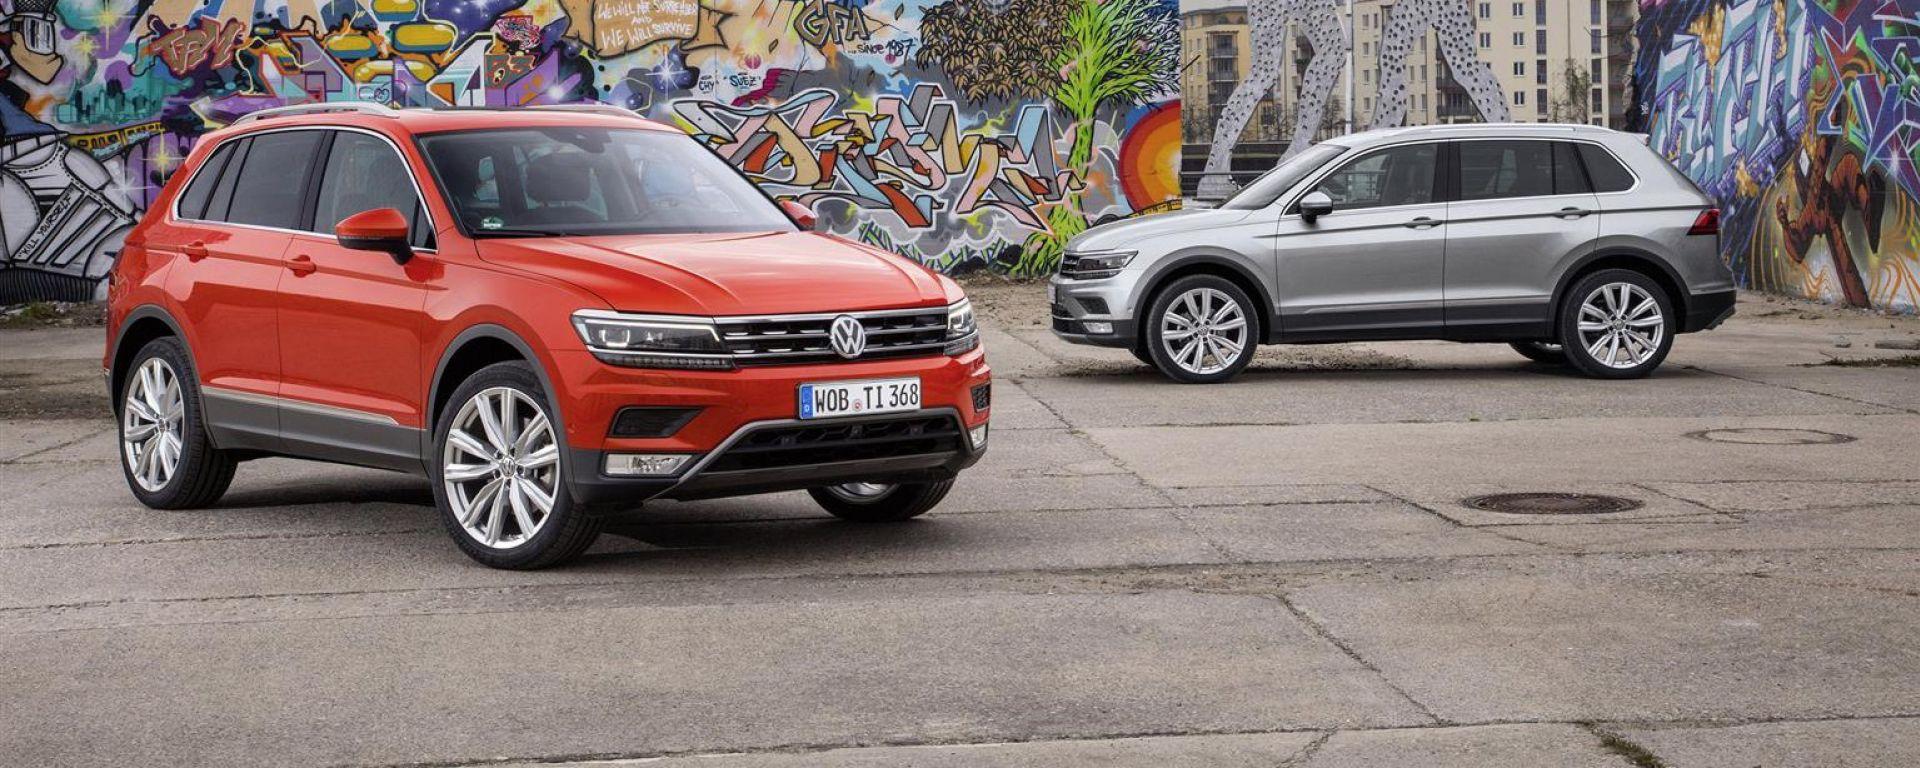 Volkswagen mette il filtro antiparticolato anche sui benzina